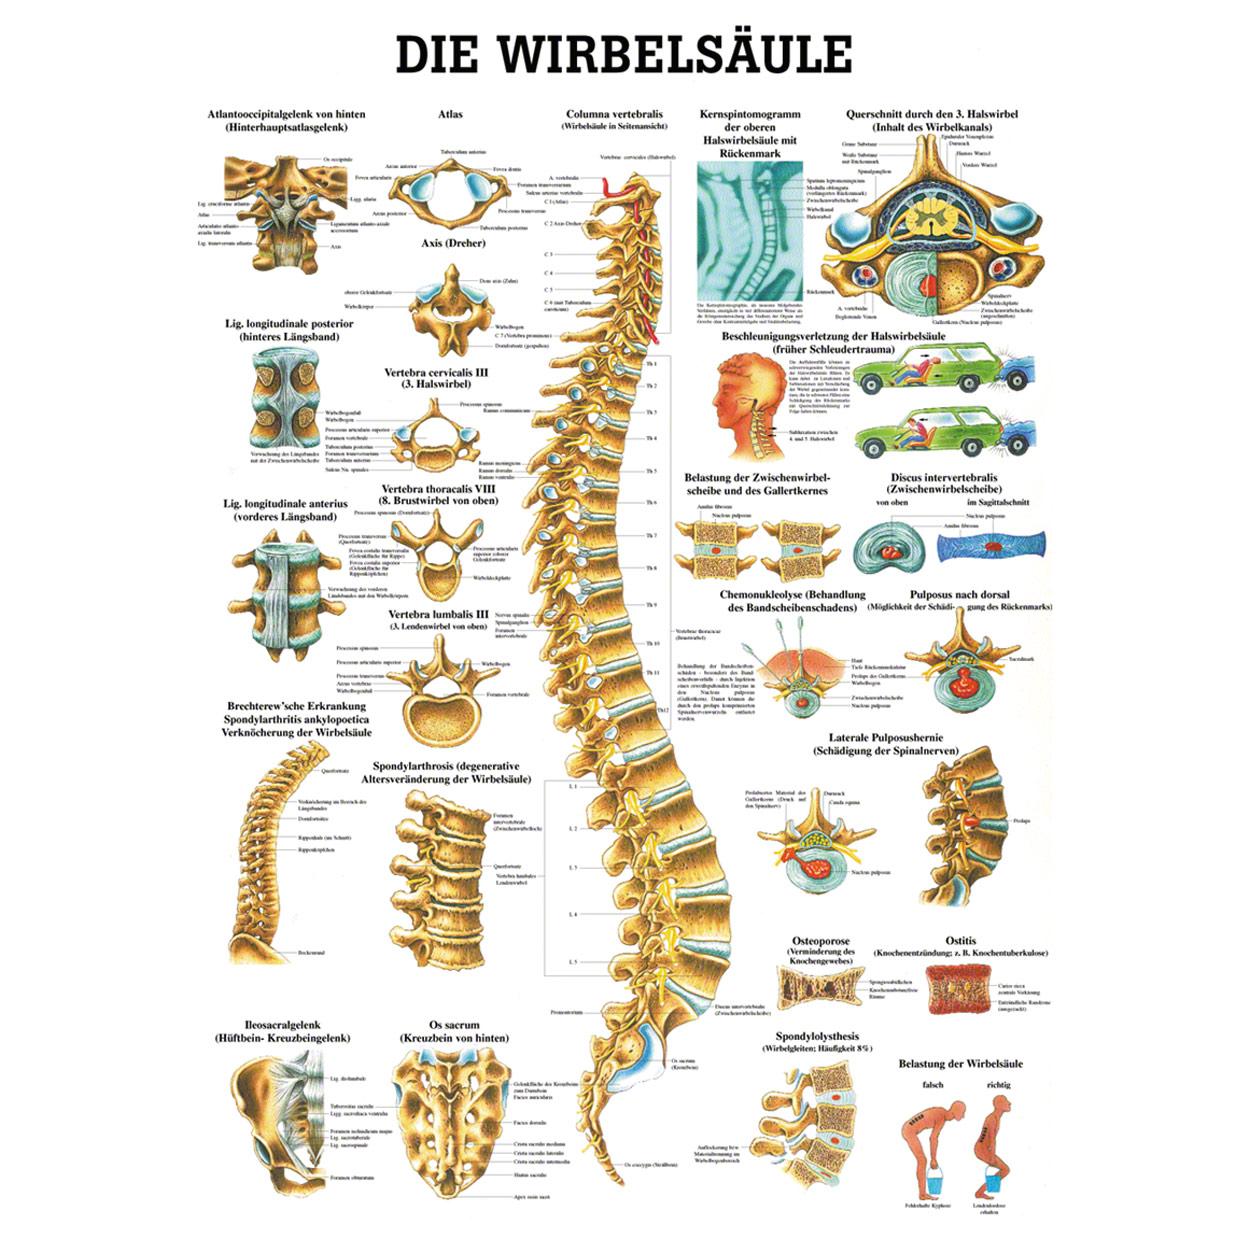 Wirbelsäule Poster Anatomie 70x50 cm medizinische Lehrmittel | eBay